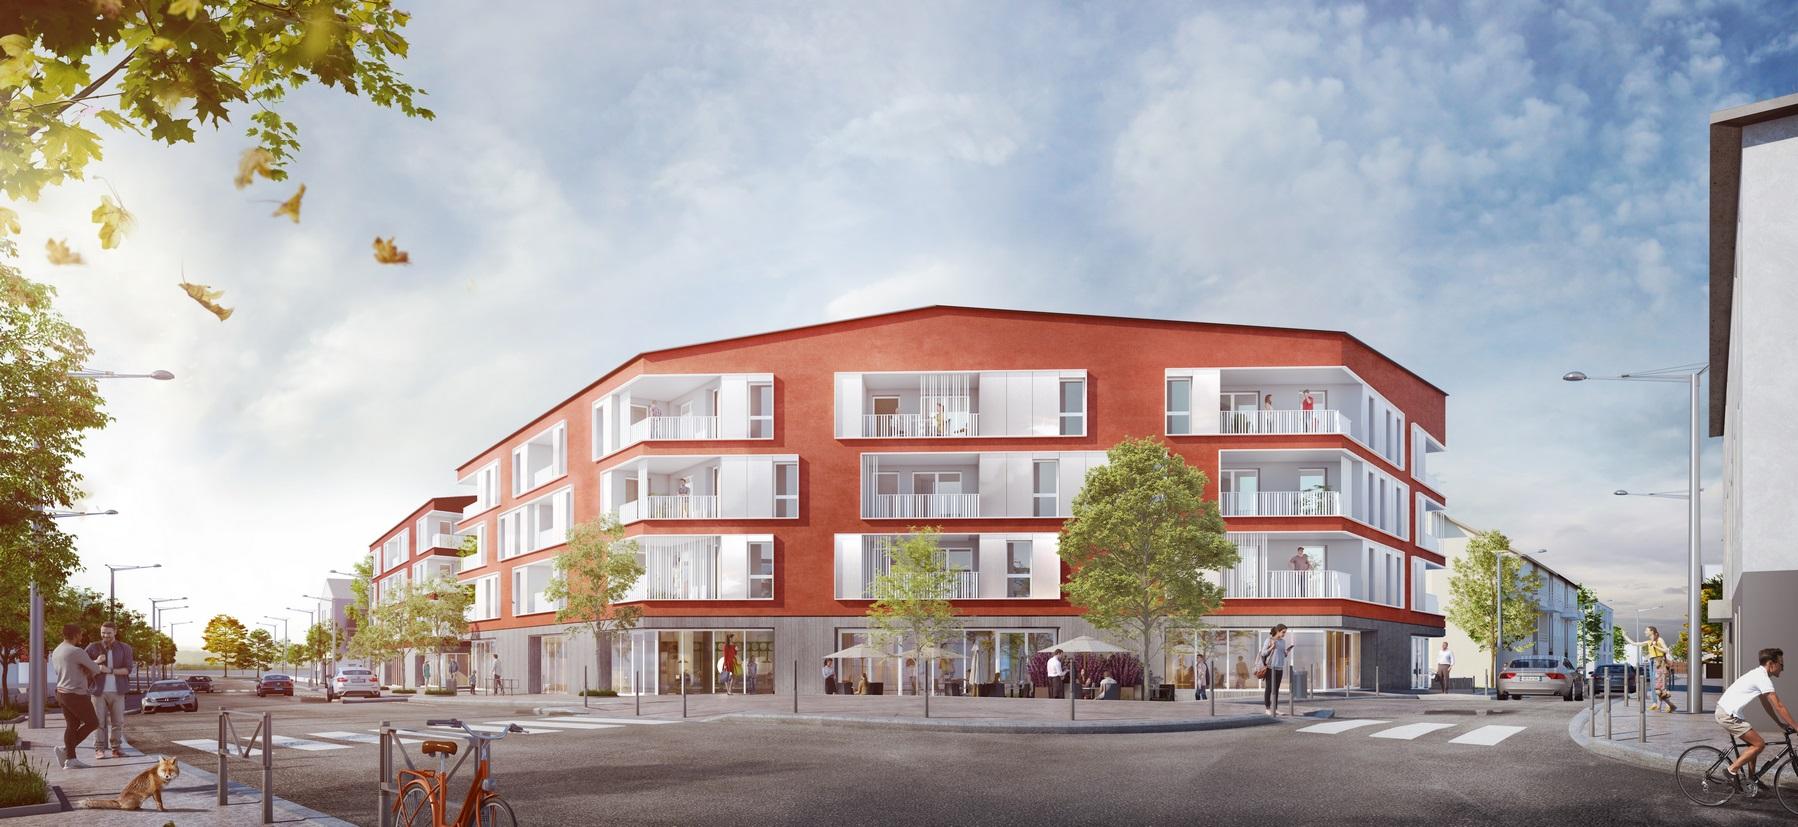 Les Marronniers - logements - La Verpillière - Z Architecture